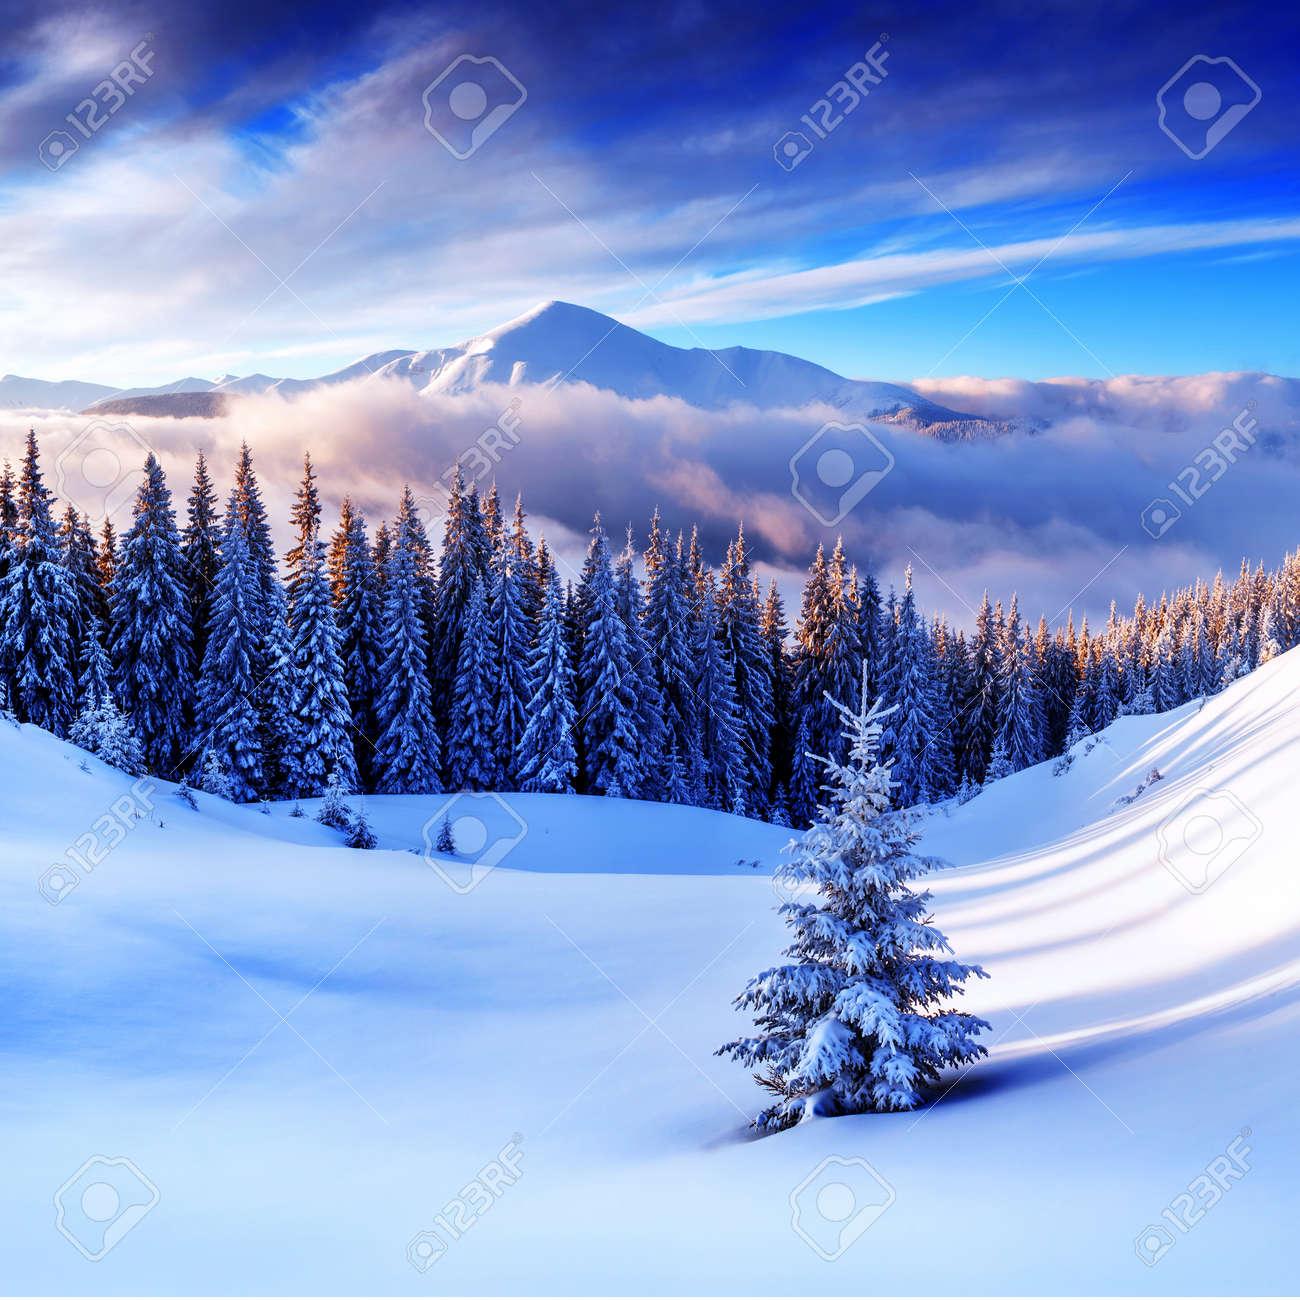 snovy trees on winter mountains Standard-Bild - 33008591